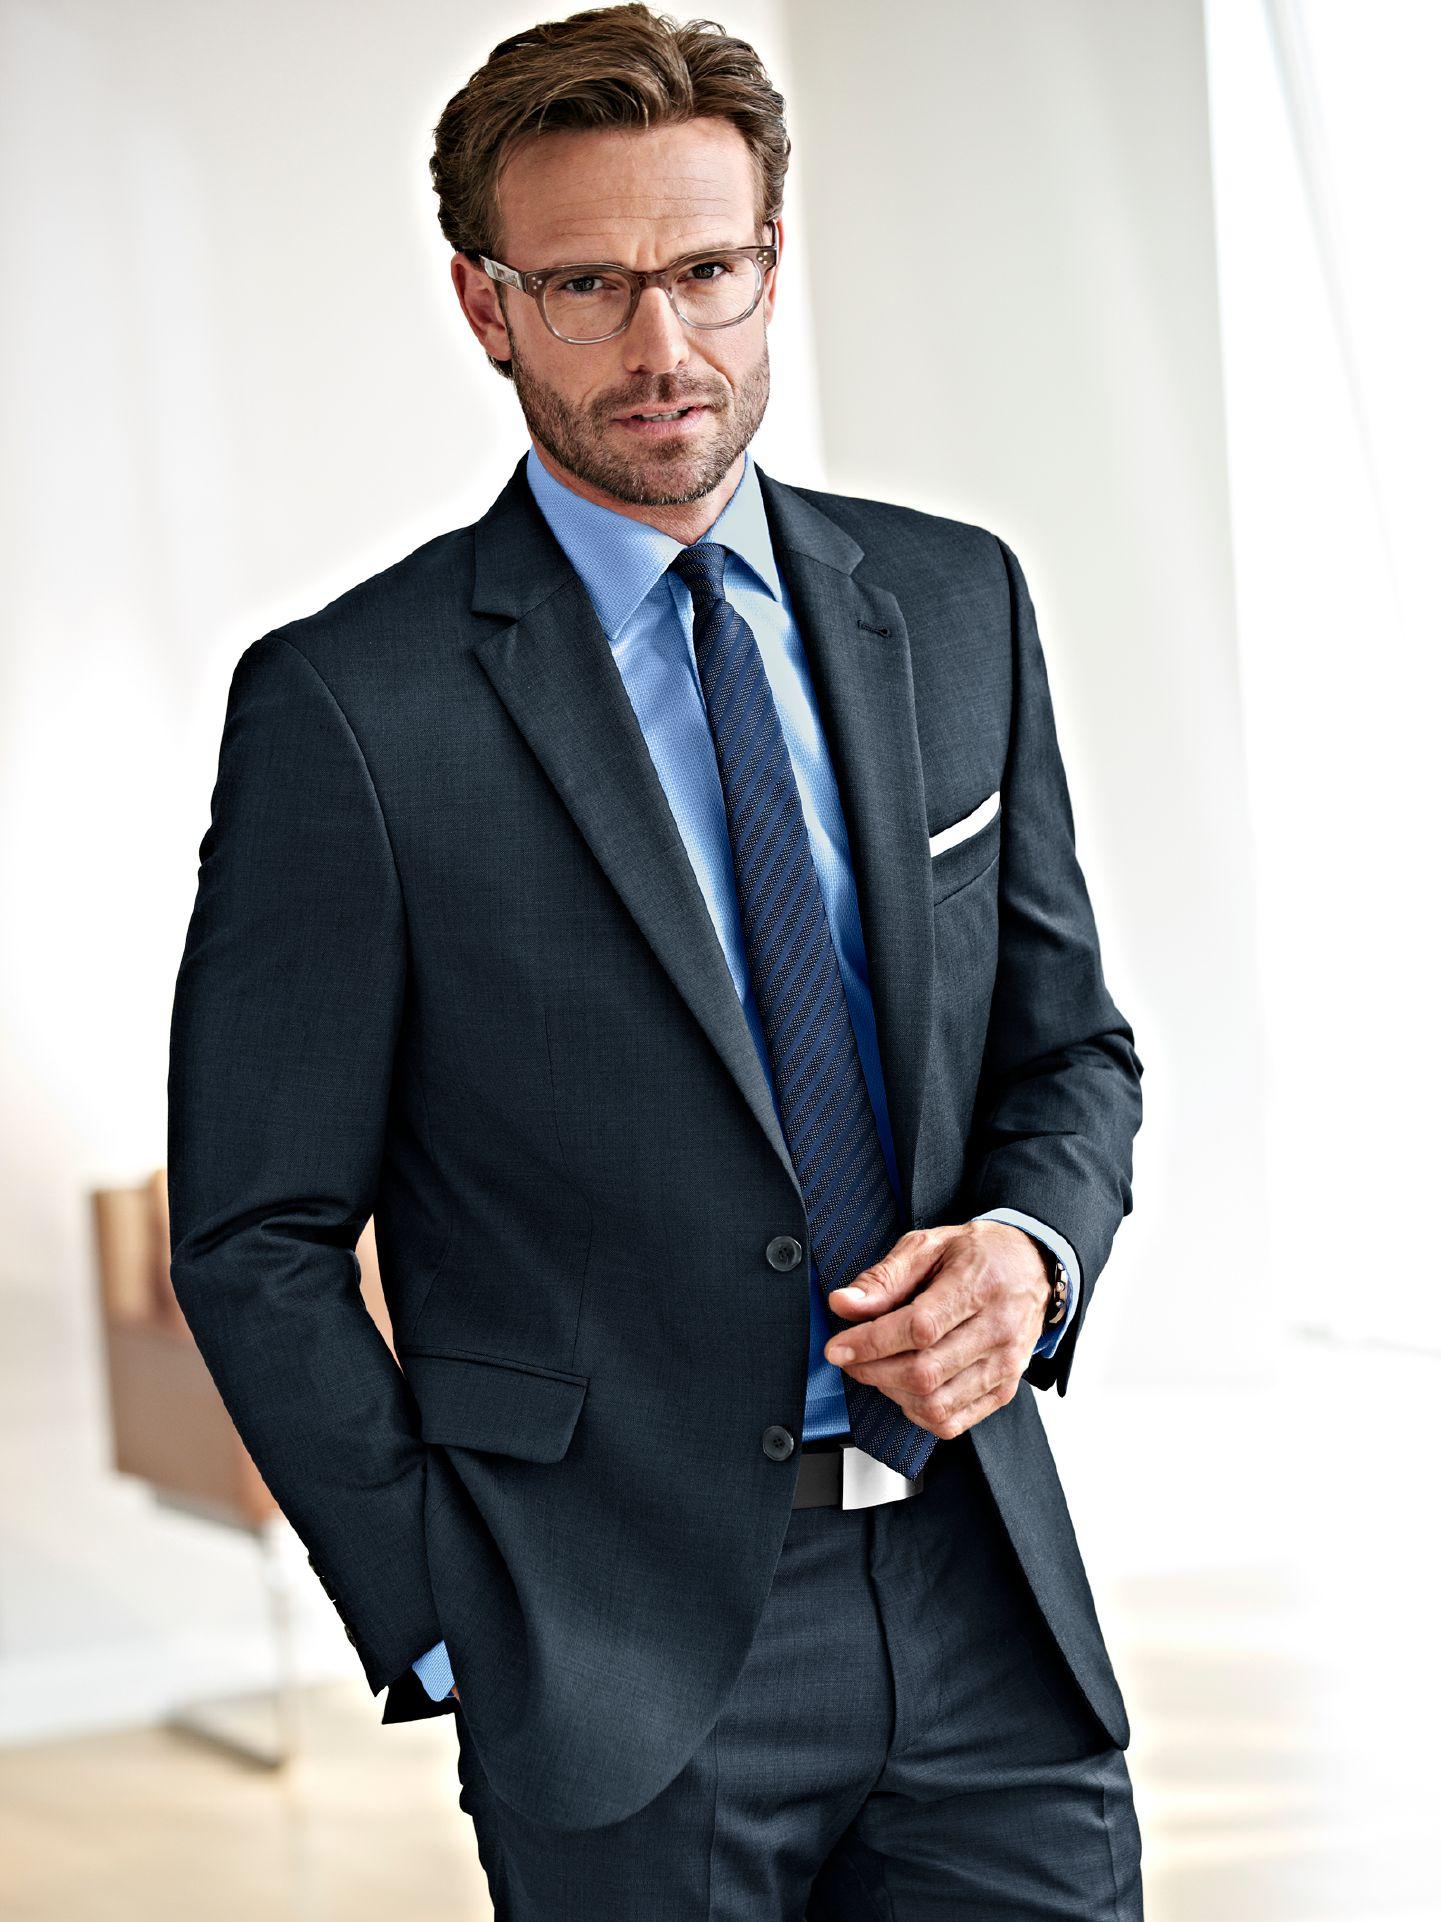 Bei formellen Anlässen liegen Sie mit einem klassischen Sakko immer richtig – sei es als Abendmode oder als Interview Outfit – es passt immer. Entdecken Sie die komplette Herren-Kollektion mit smarten Blazern, die Sie je nach Gelegenheit elegant oder leger kombinieren können.